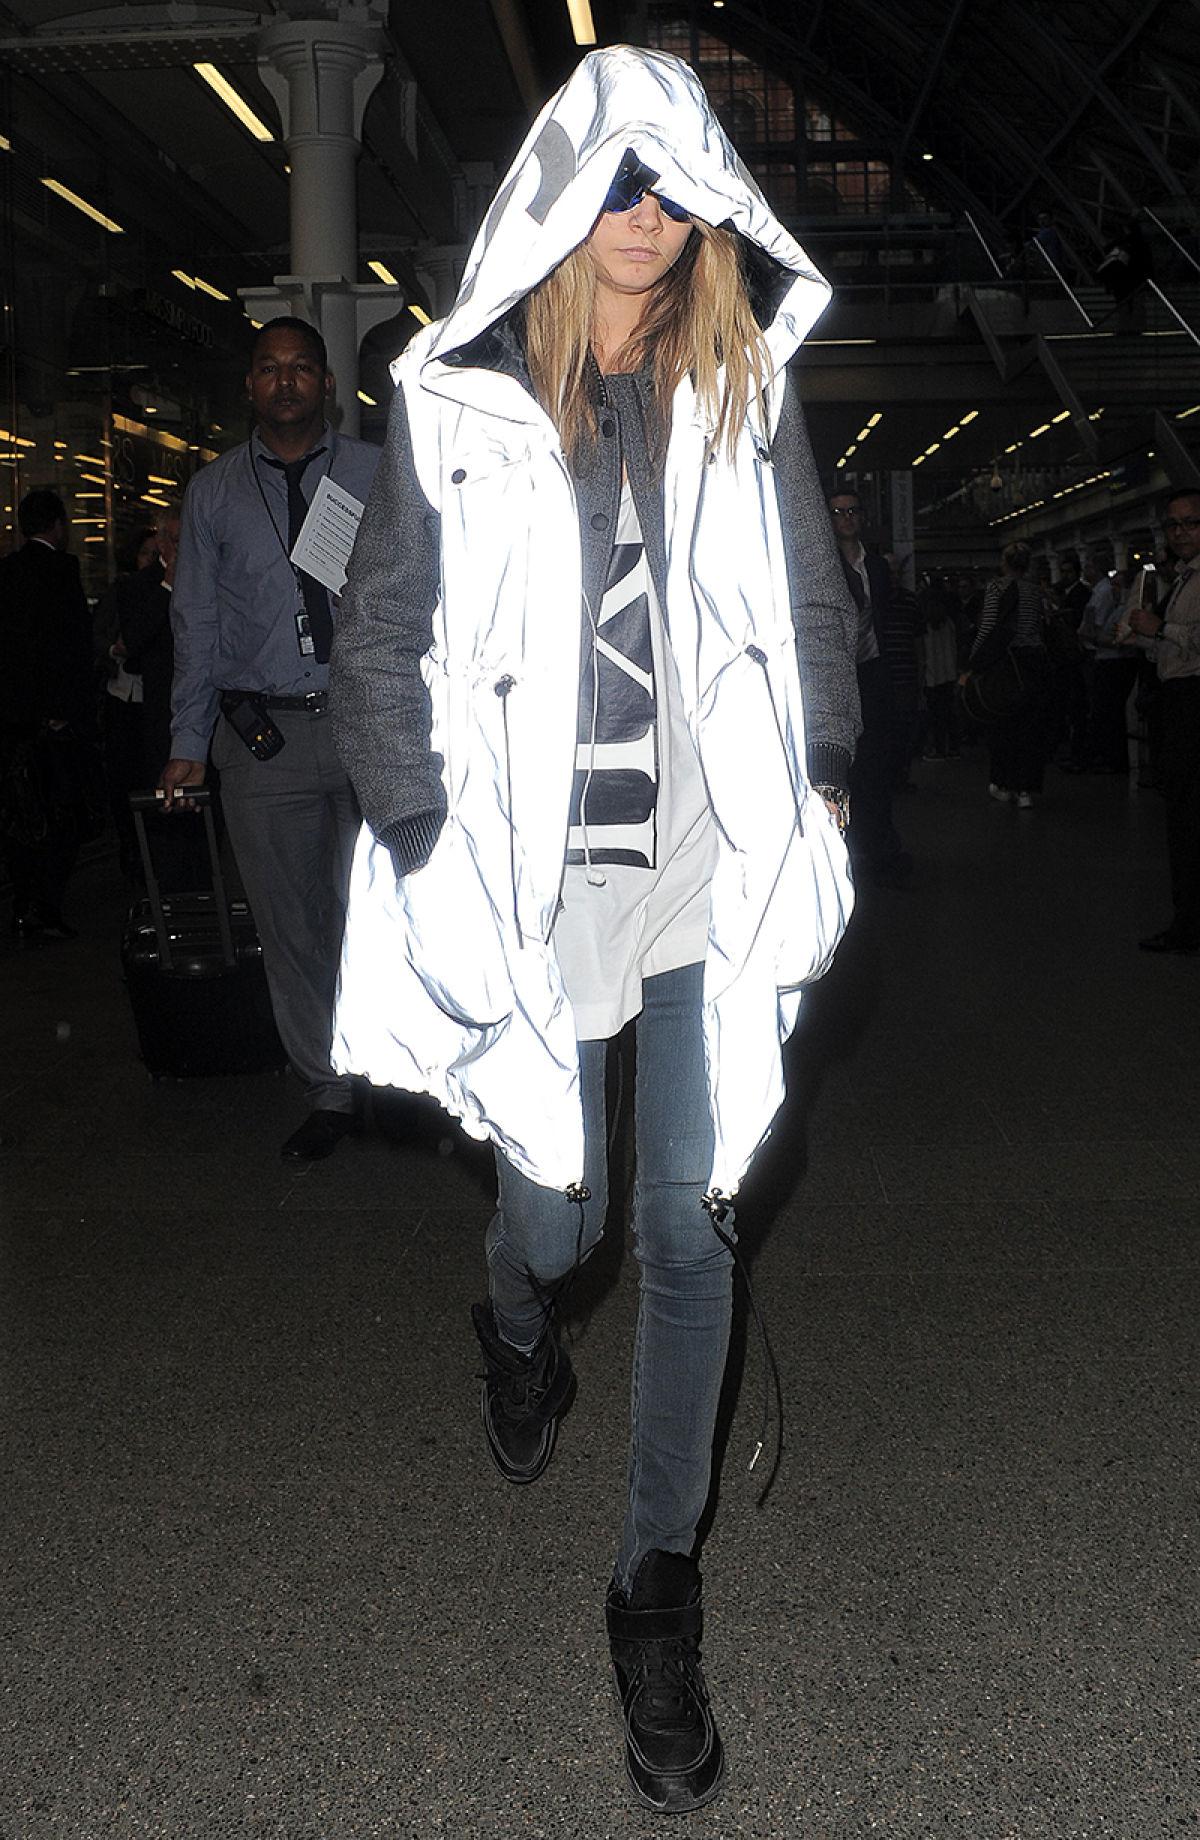 """La modelo Cara Delevingne luciendo su """"paparazzi-blocking jacket"""""""